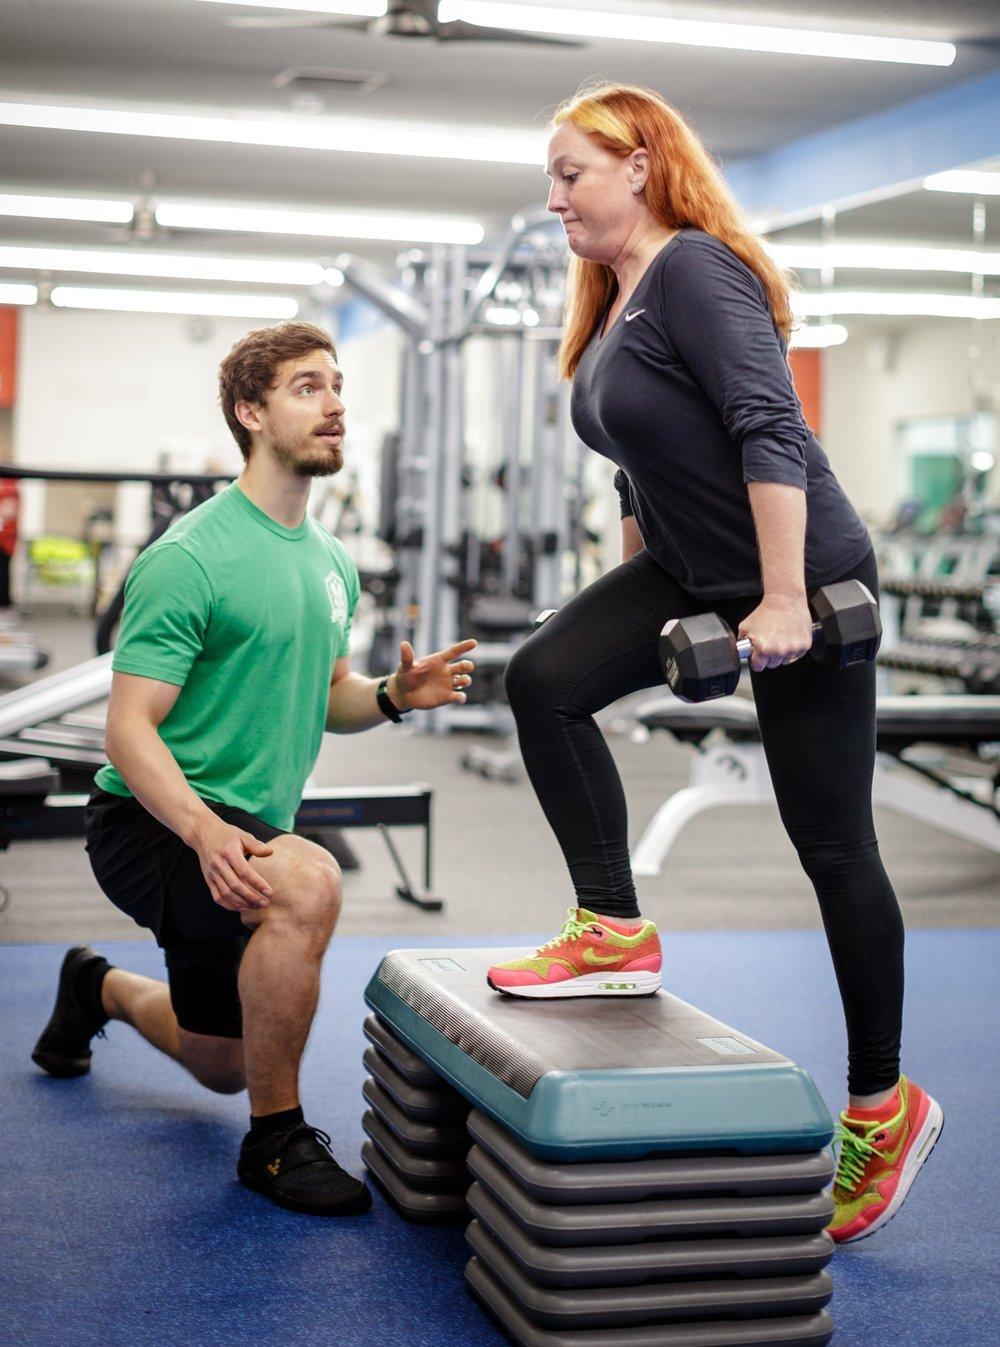 Tyler+Training+Helen+Neville+17.jpg